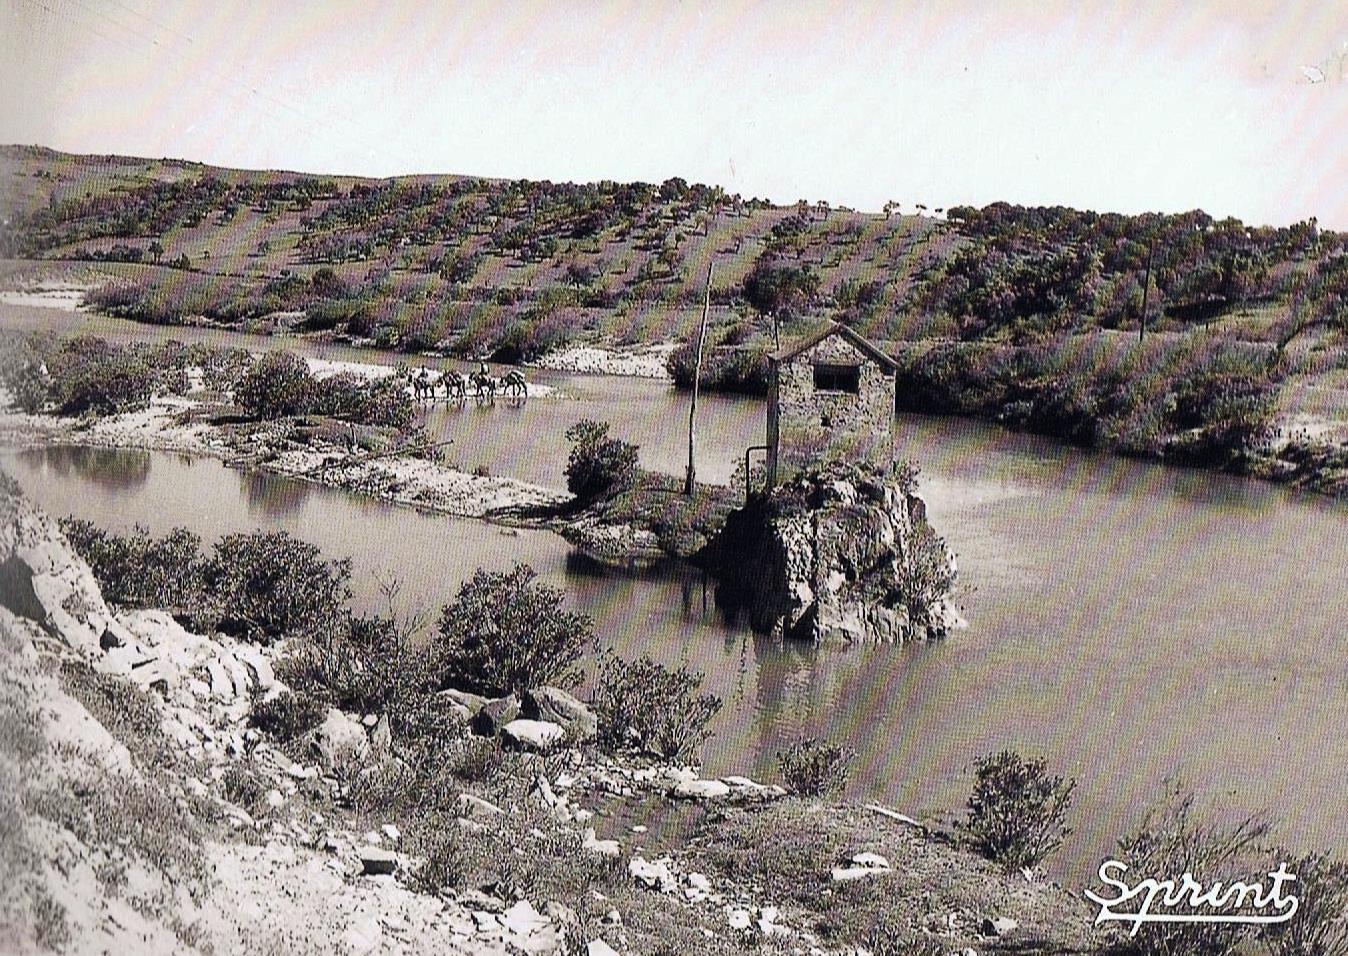 La Tosca, sobre el río Hozgarganta, formando parte del complejo hidráulico para la captación de agua para La Fábrica de la Bomba. Foto Sprint. Fuente Ediciones OBA.